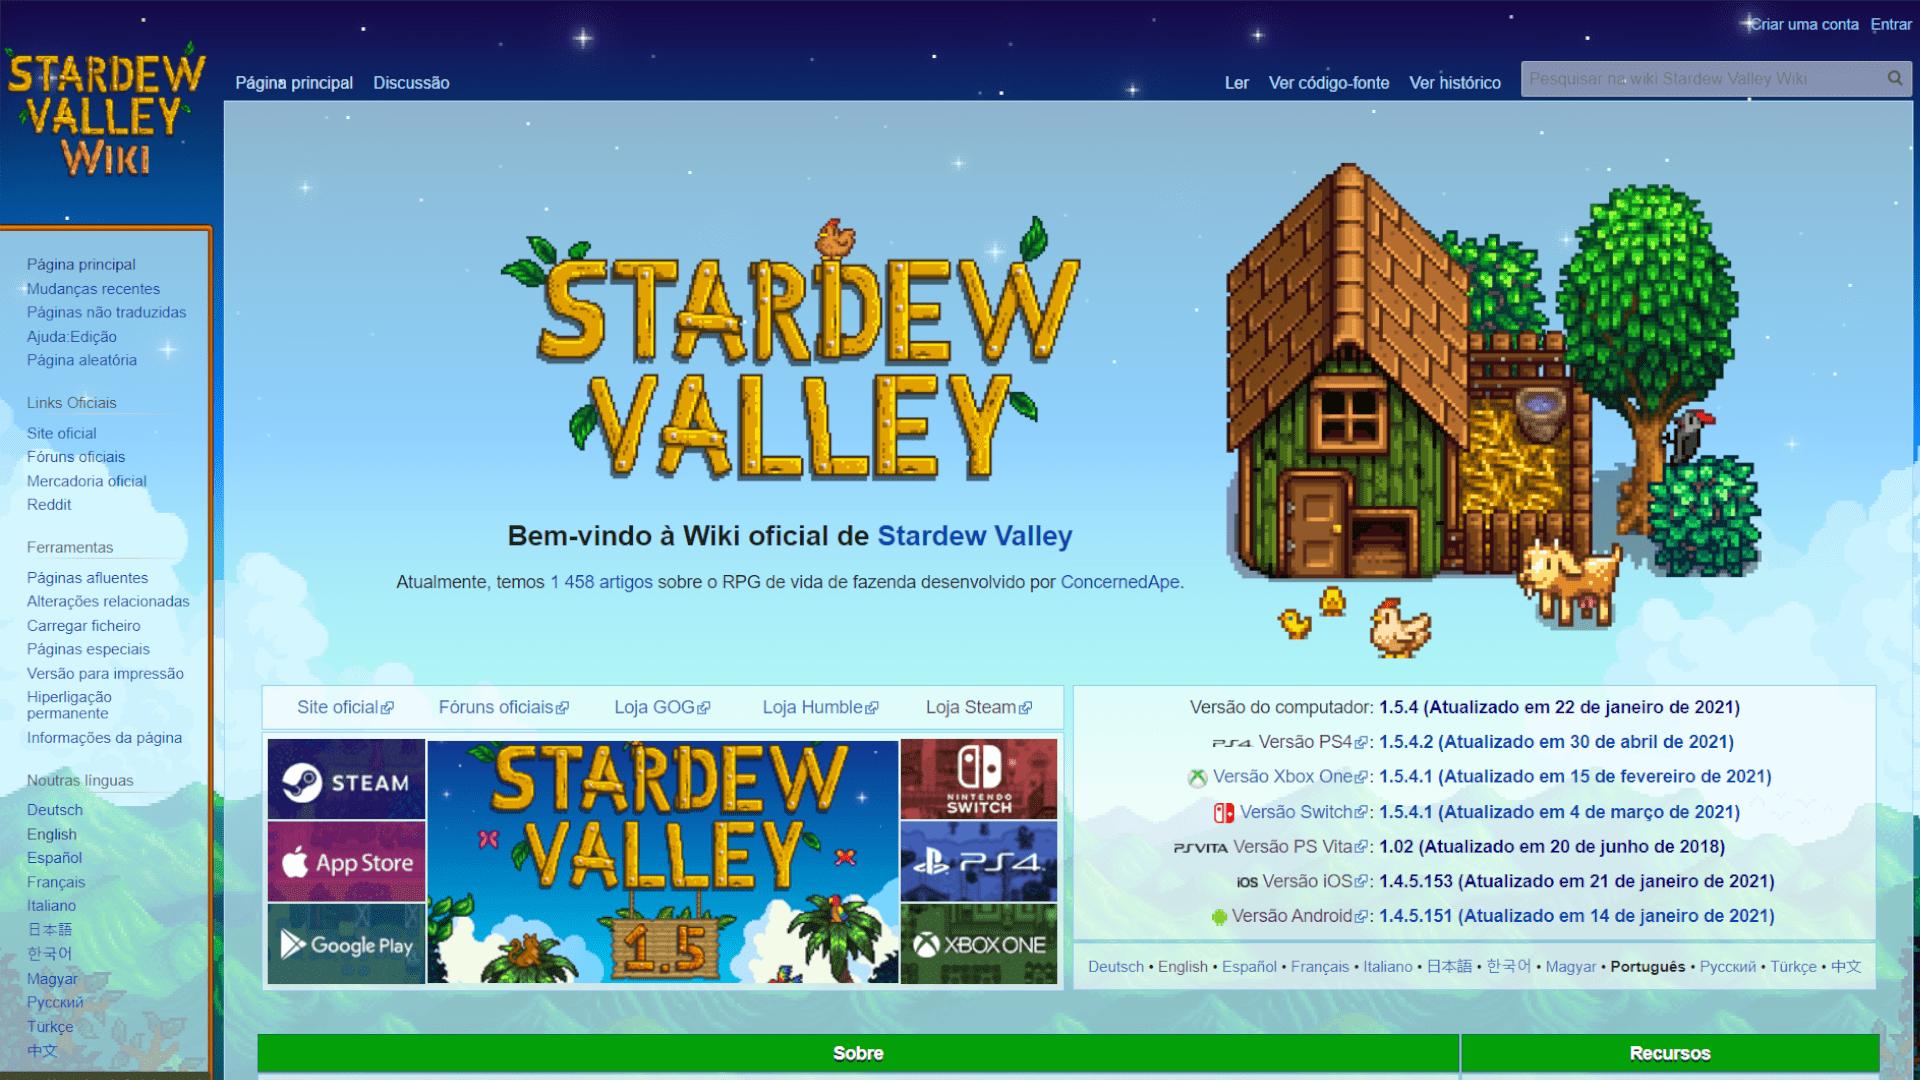 Stardew Valley Wiki é o guia completo do jogo mantido pela própria comunidade de jogadores (Foto: Reprodução/Stardew Valley Wiki)